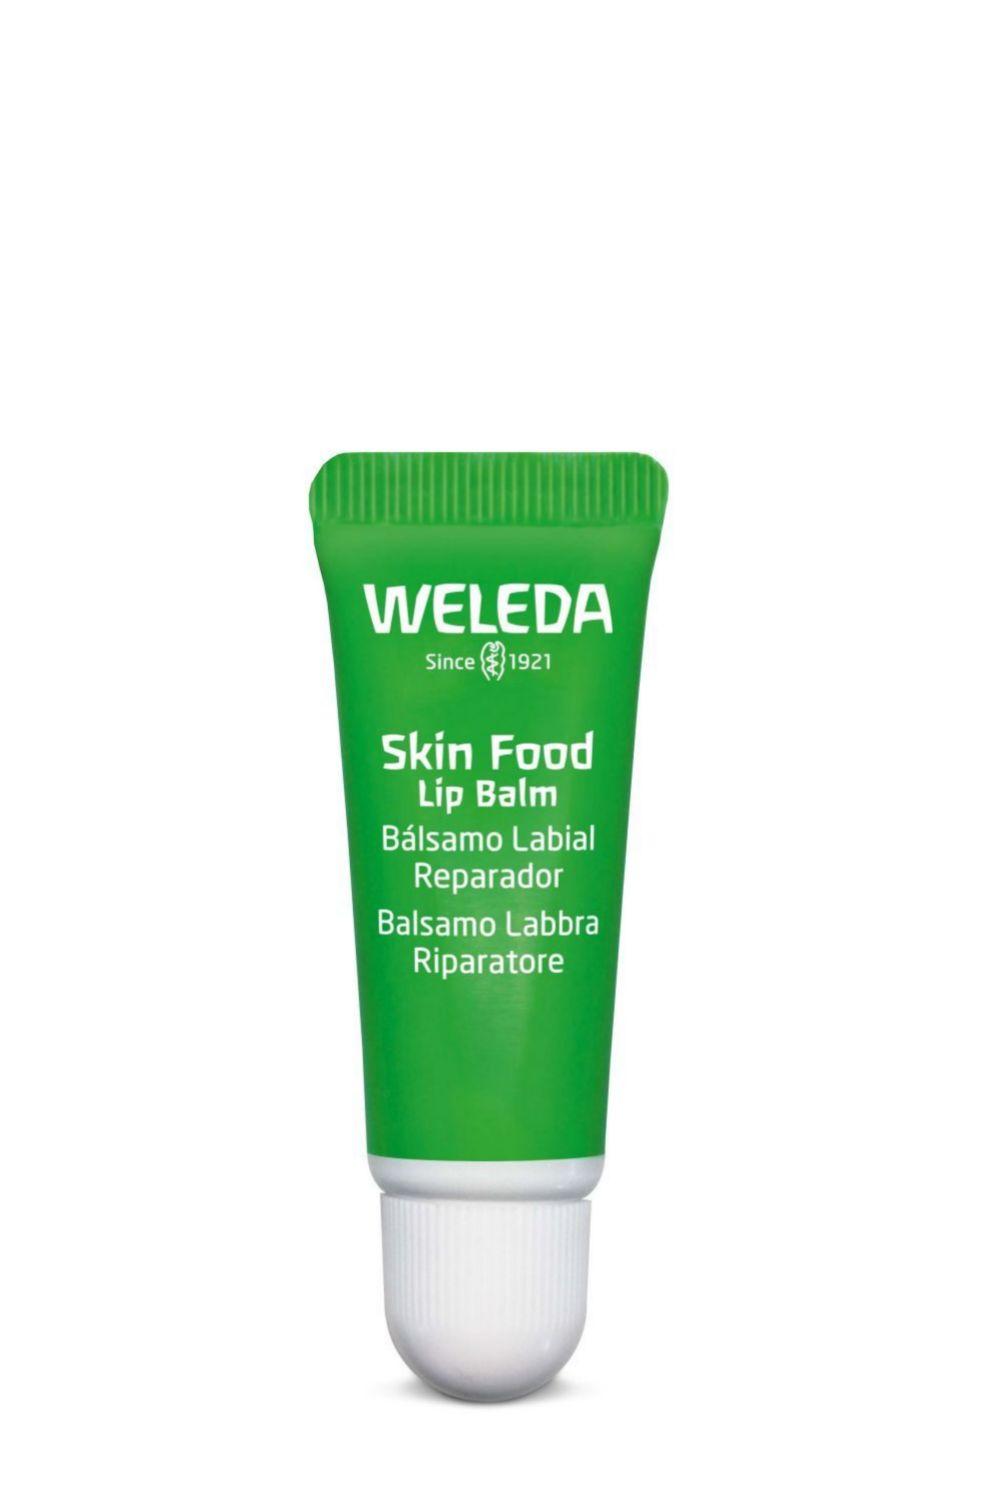 Skin Food Lip Balm, Weleda. Reparación intensiva para los labios (4,95 euros).